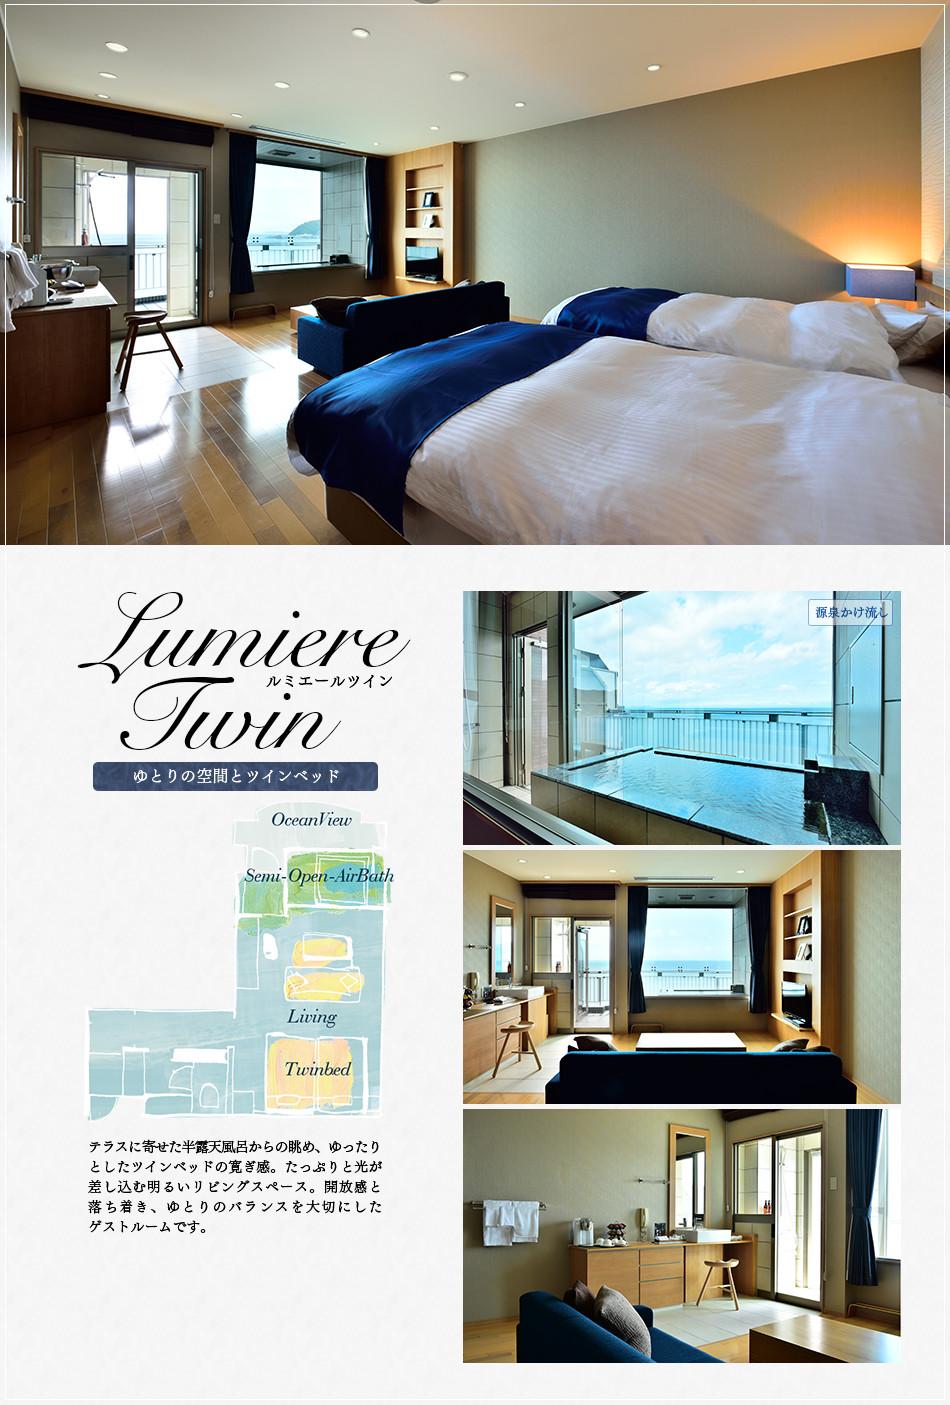 ルミエールツイン ゆとりの空間とツインベッド